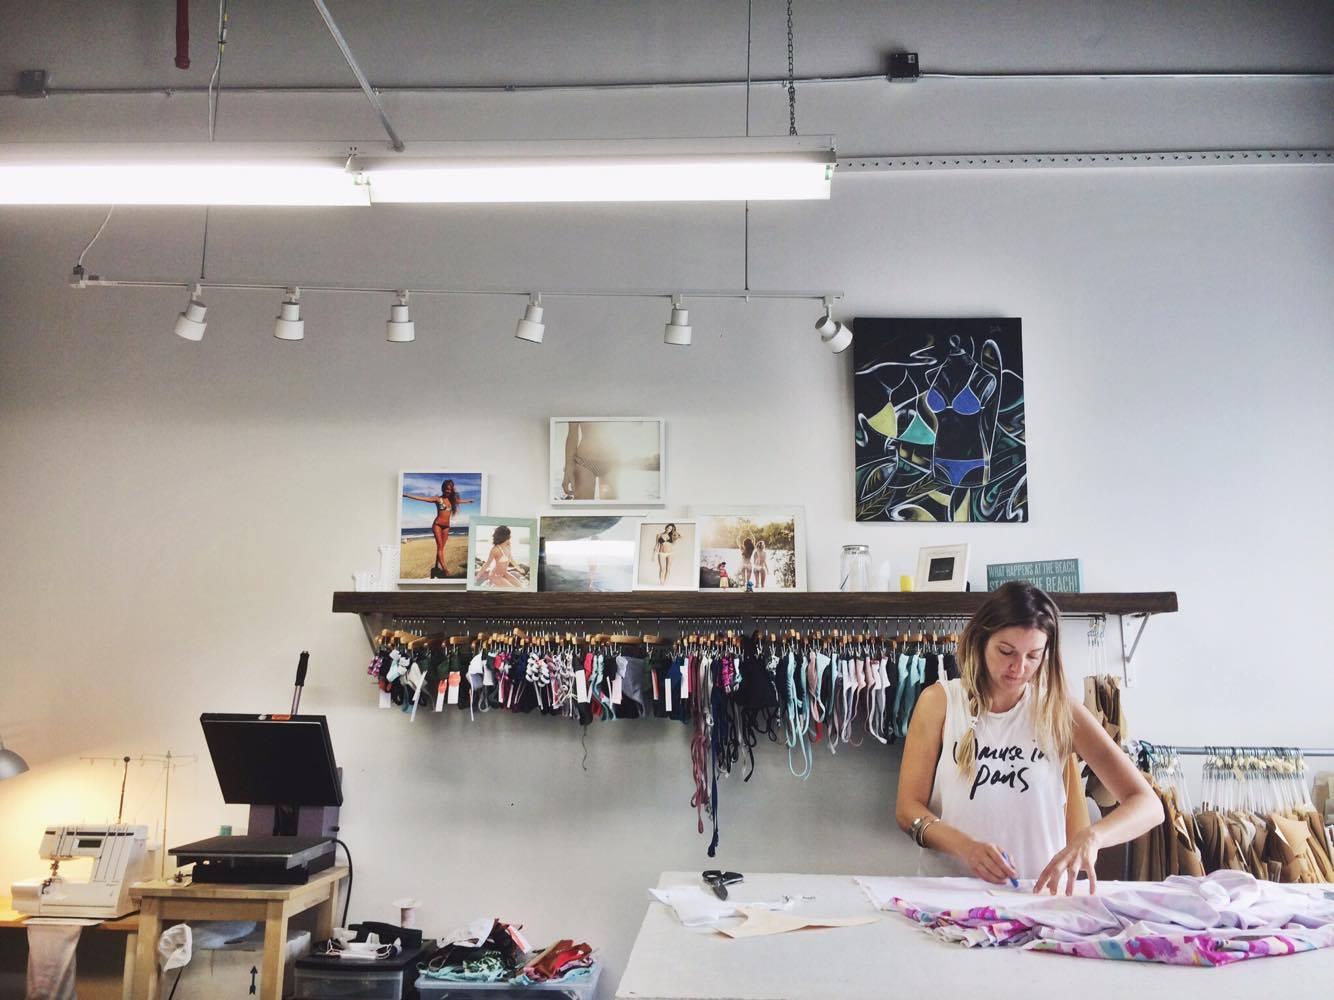 BastianiPhotography-LéaBégin-beauties-juneswimwear-juneswimwear-juliemorin-lifestyle-beauties